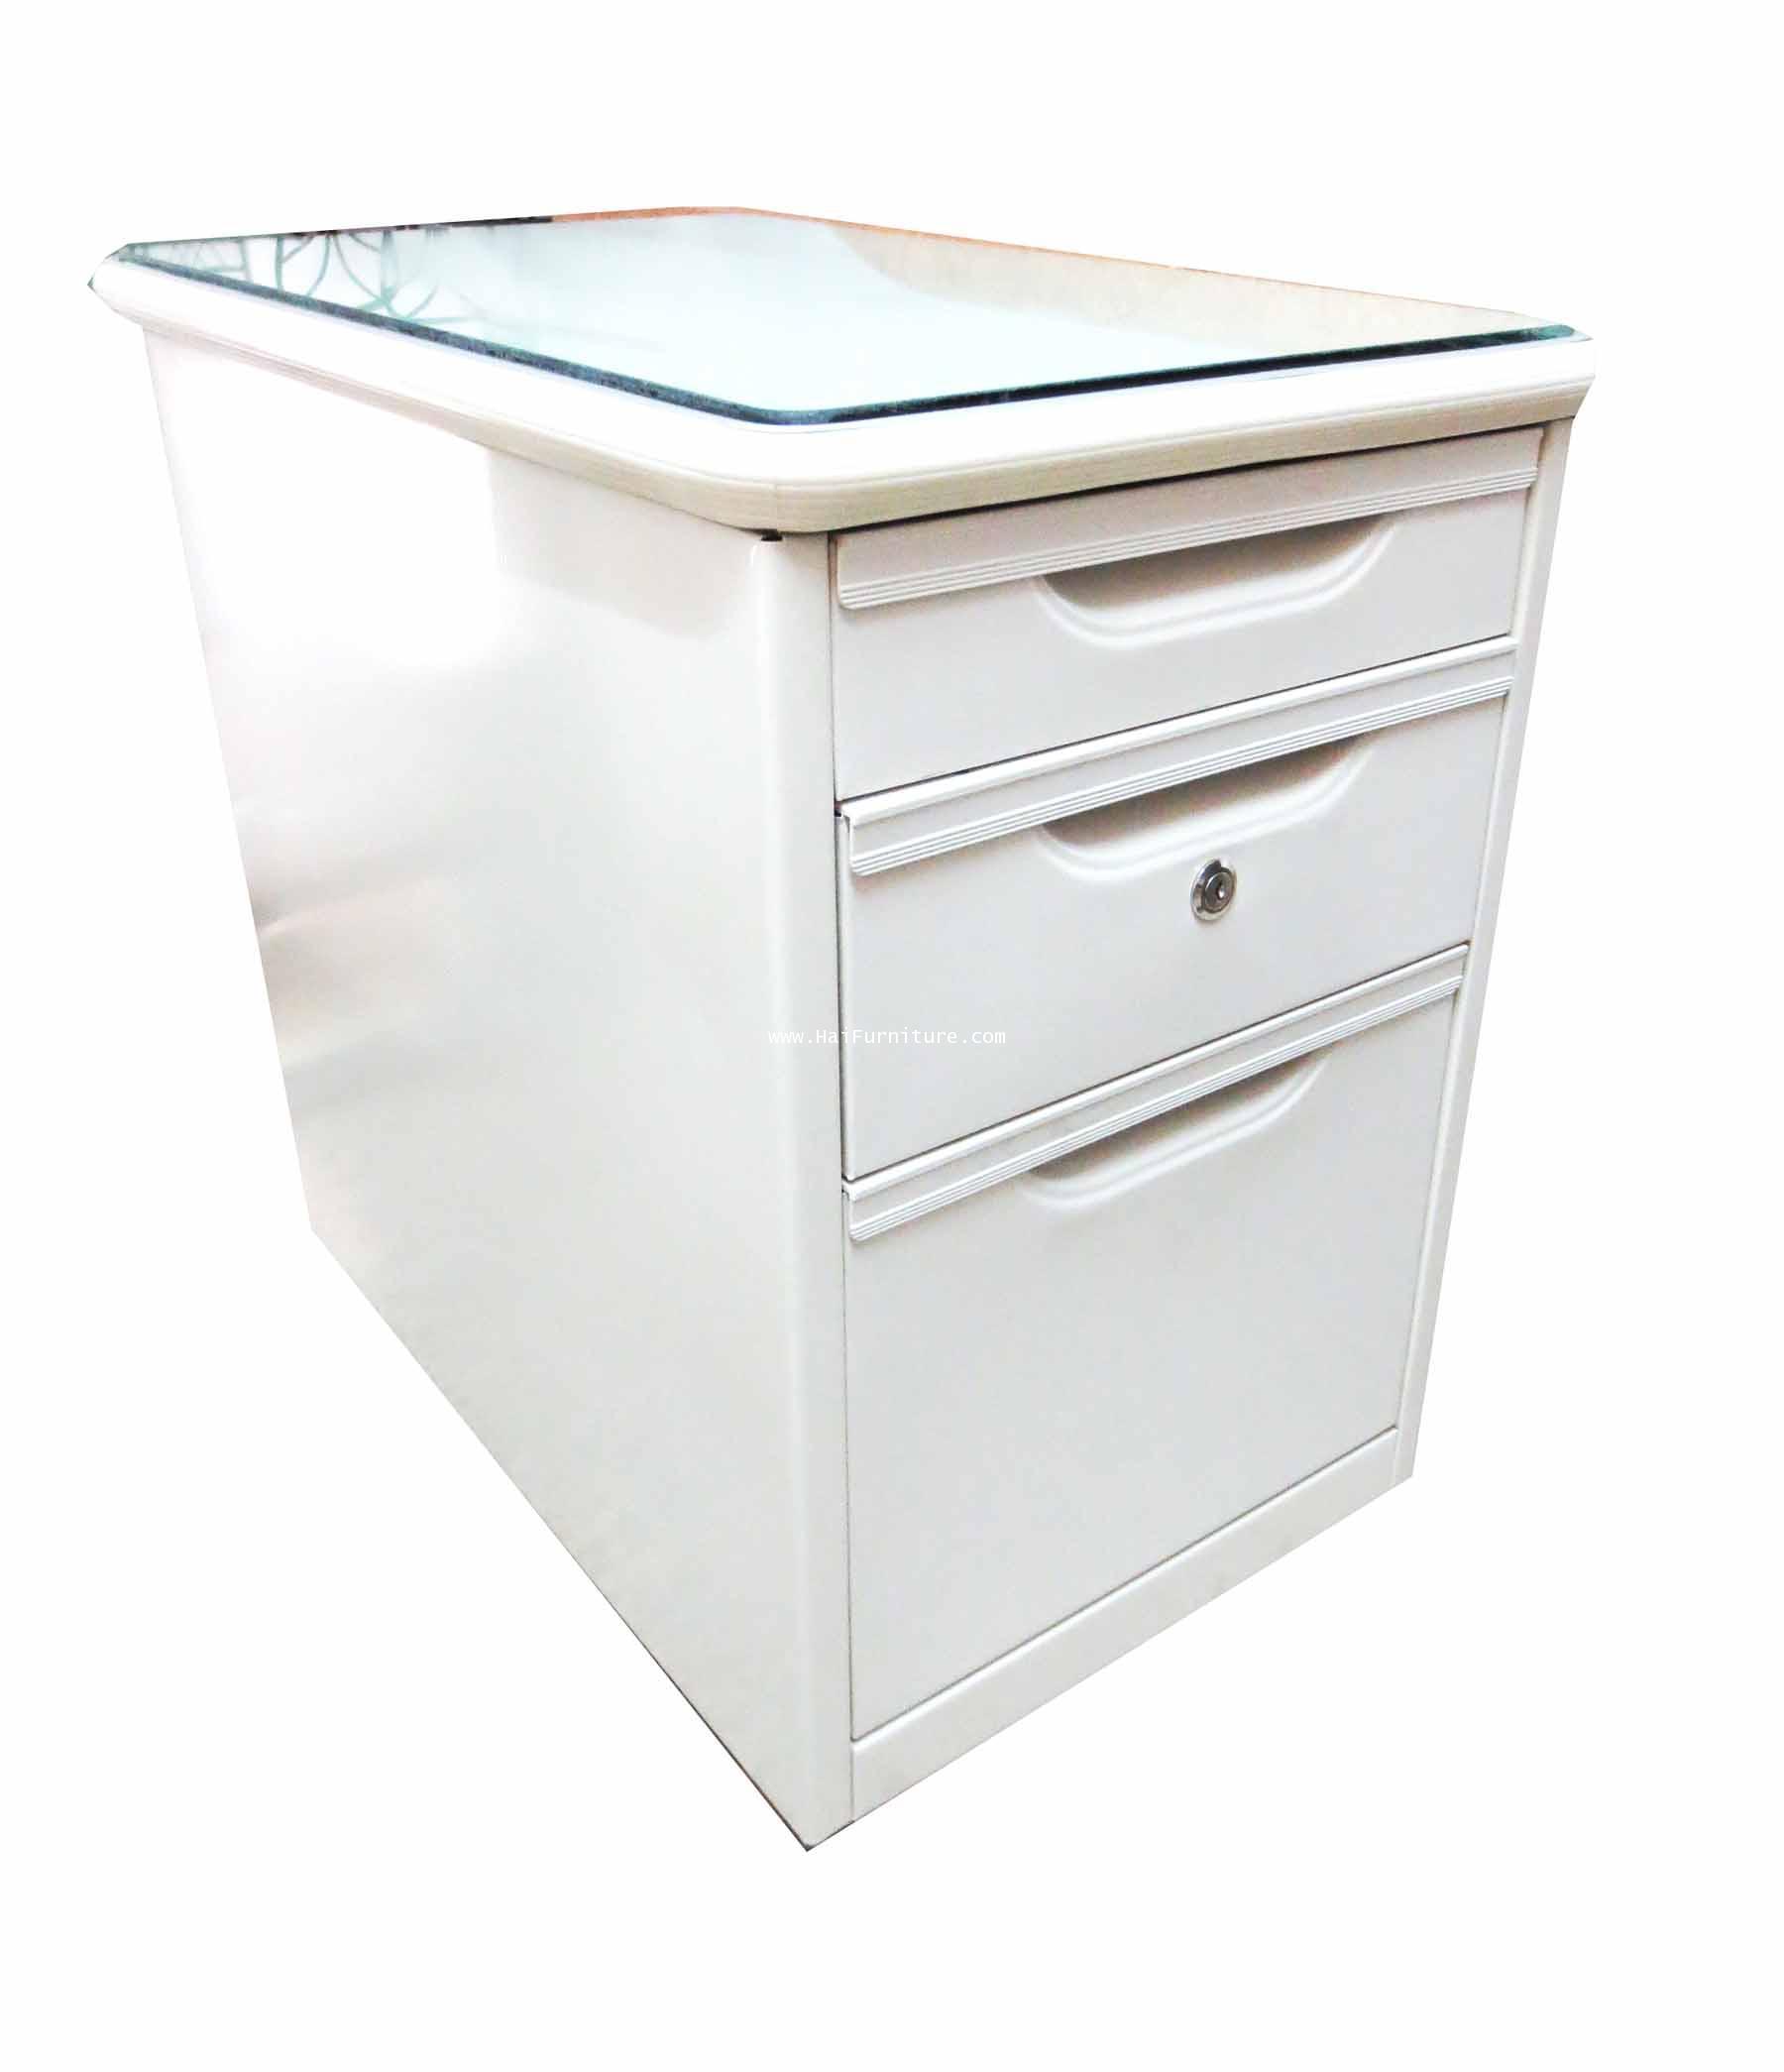 โต๊ะเหล็กเสริมข้าง แบบมีล้อ ตรา Elegant 42*68*65 ซม.